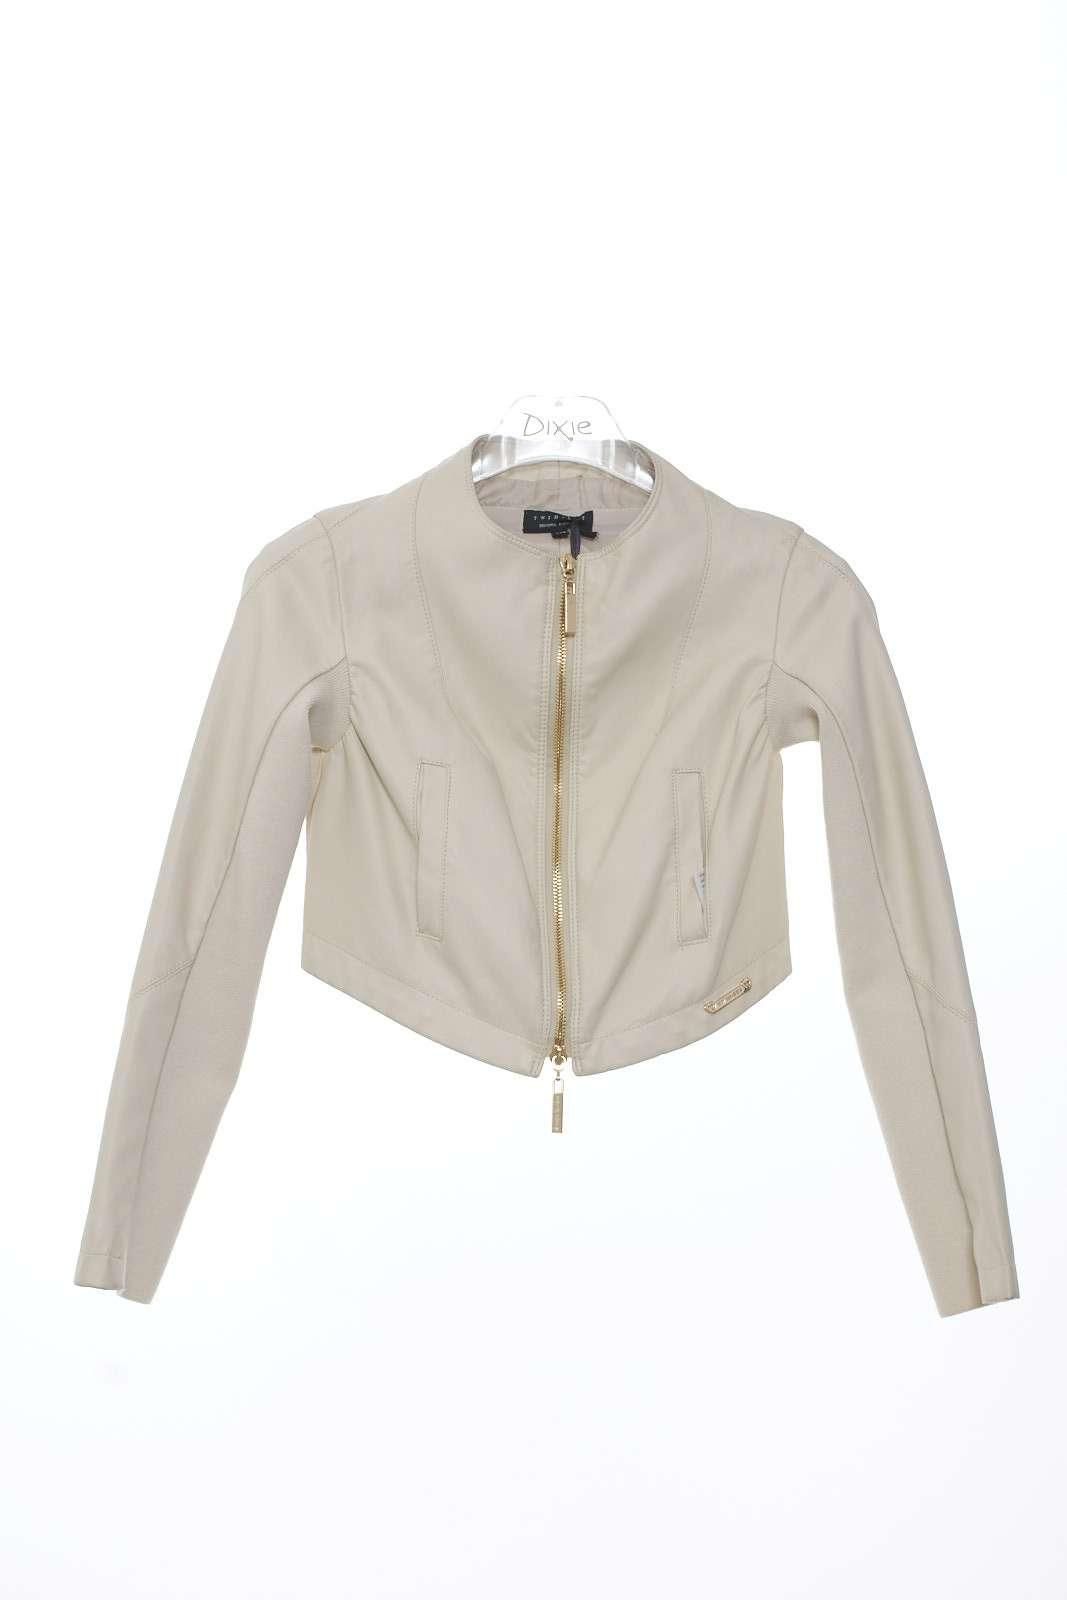 Piccolo chiodo in ecopelle anche per i più piccoli da abbinare come giacca sopra un abitino o sopra un jeans per un uso più semplice.